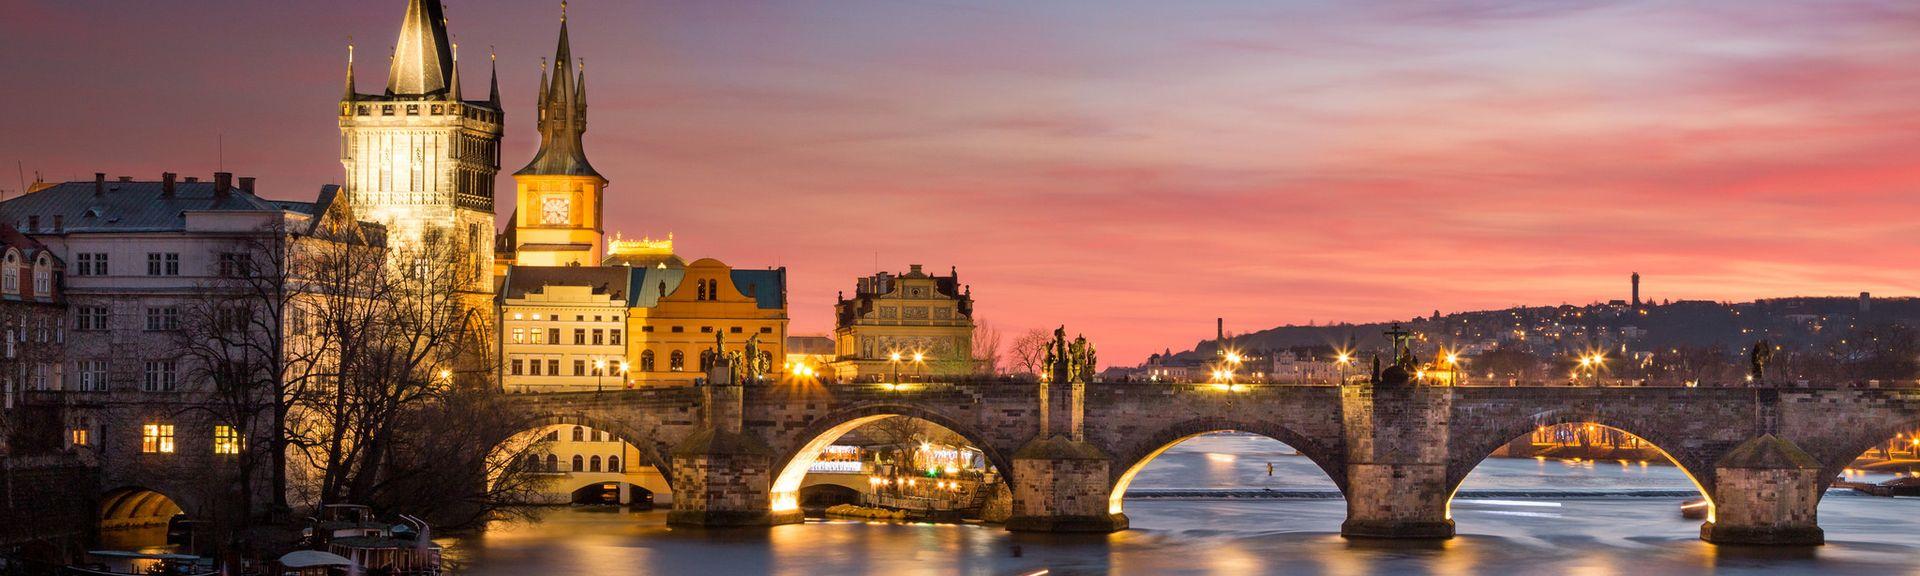 Nusle, Prague-Prague, Czechia